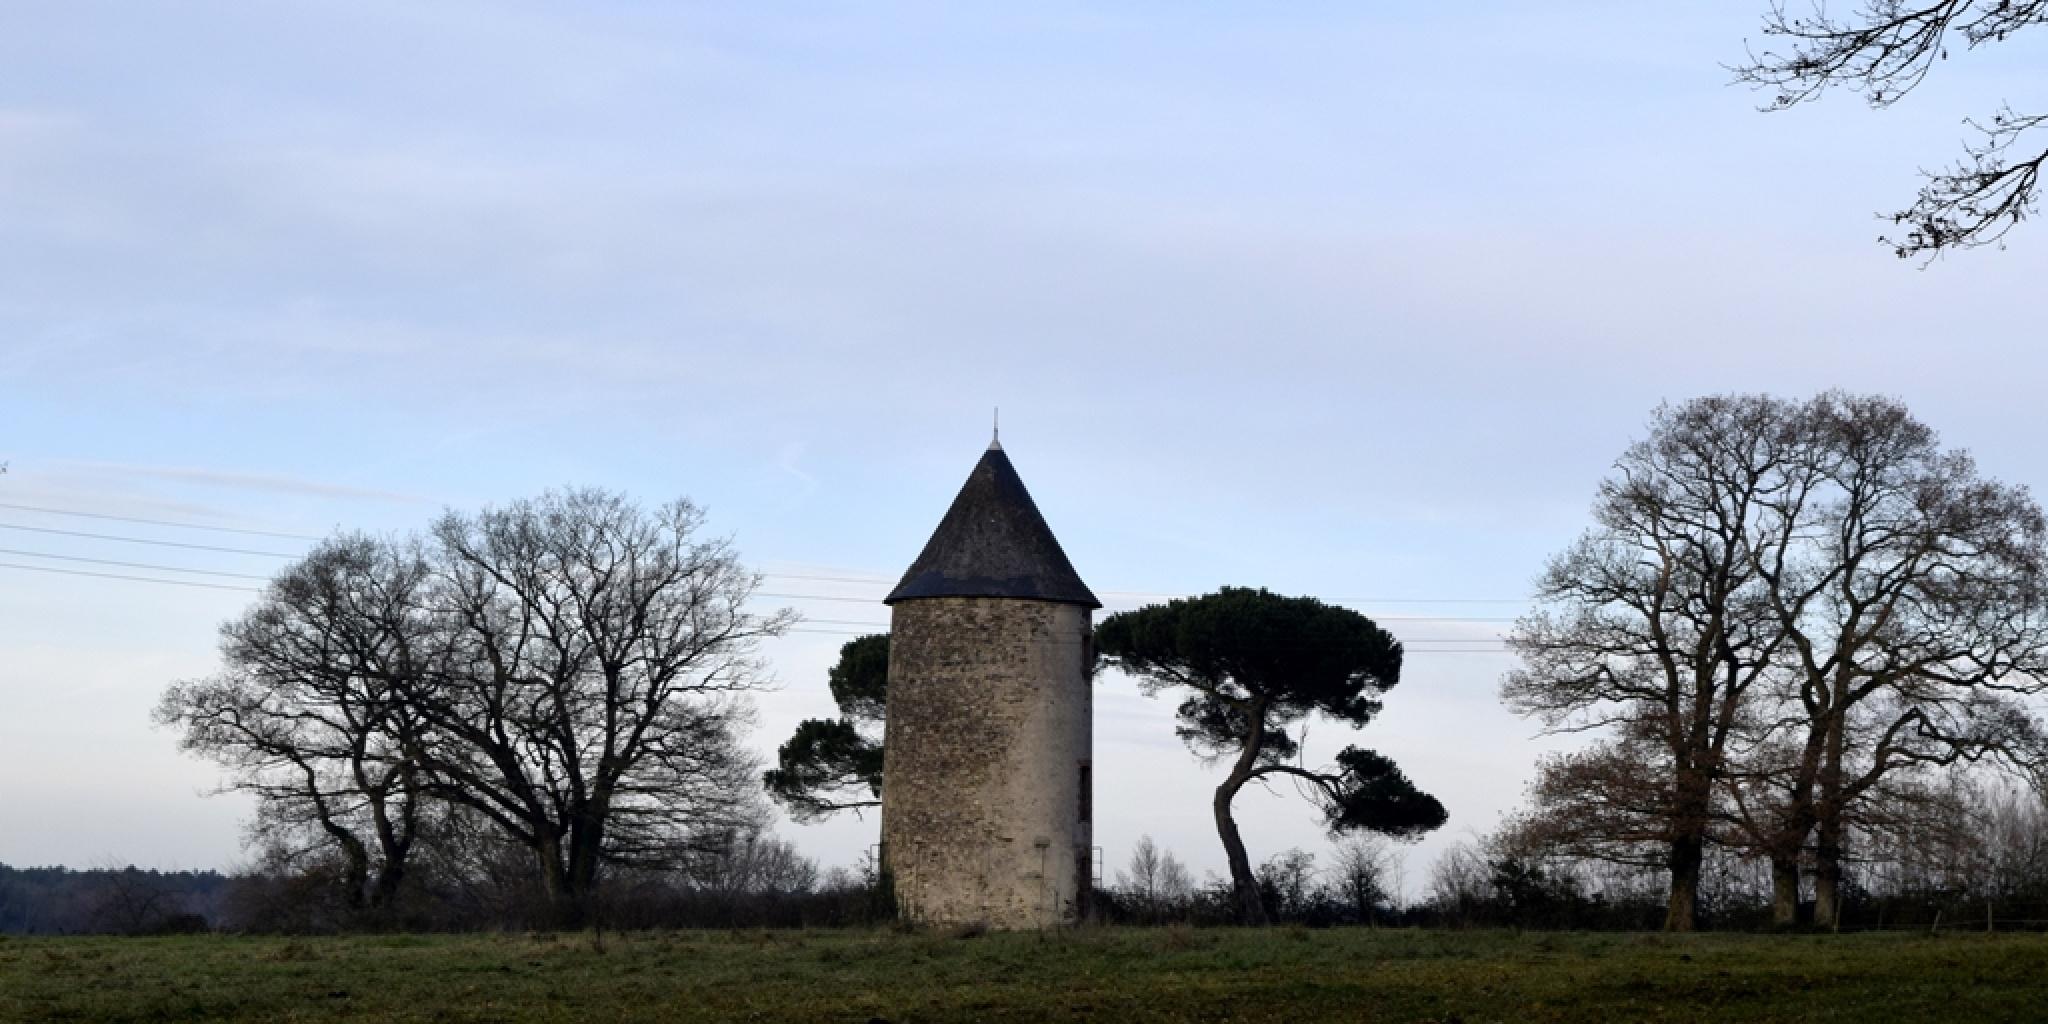 moulin by pawel2reklewski